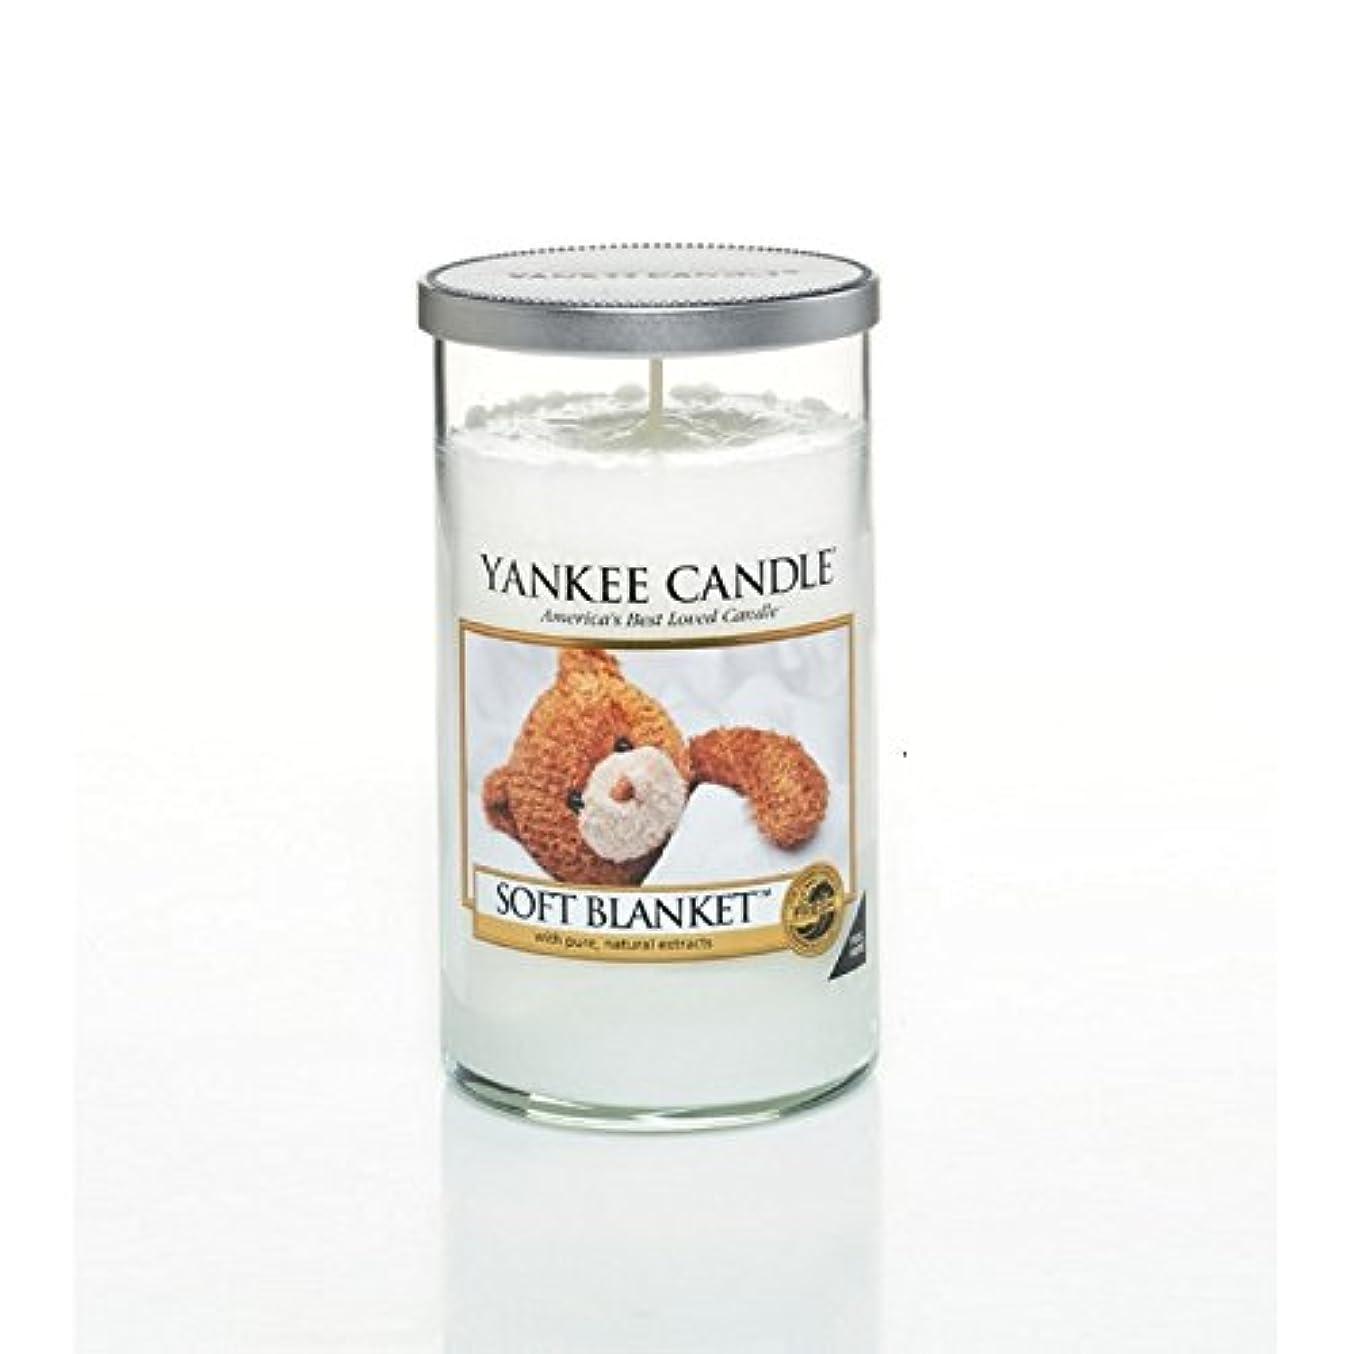 パンツ葡萄気分が悪いYankee Candles Medium Pillar Candle - Soft Blanket (Pack of 6) - ヤンキーキャンドルメディアピラーキャンドル - ソフト毛布 (x6) [並行輸入品]